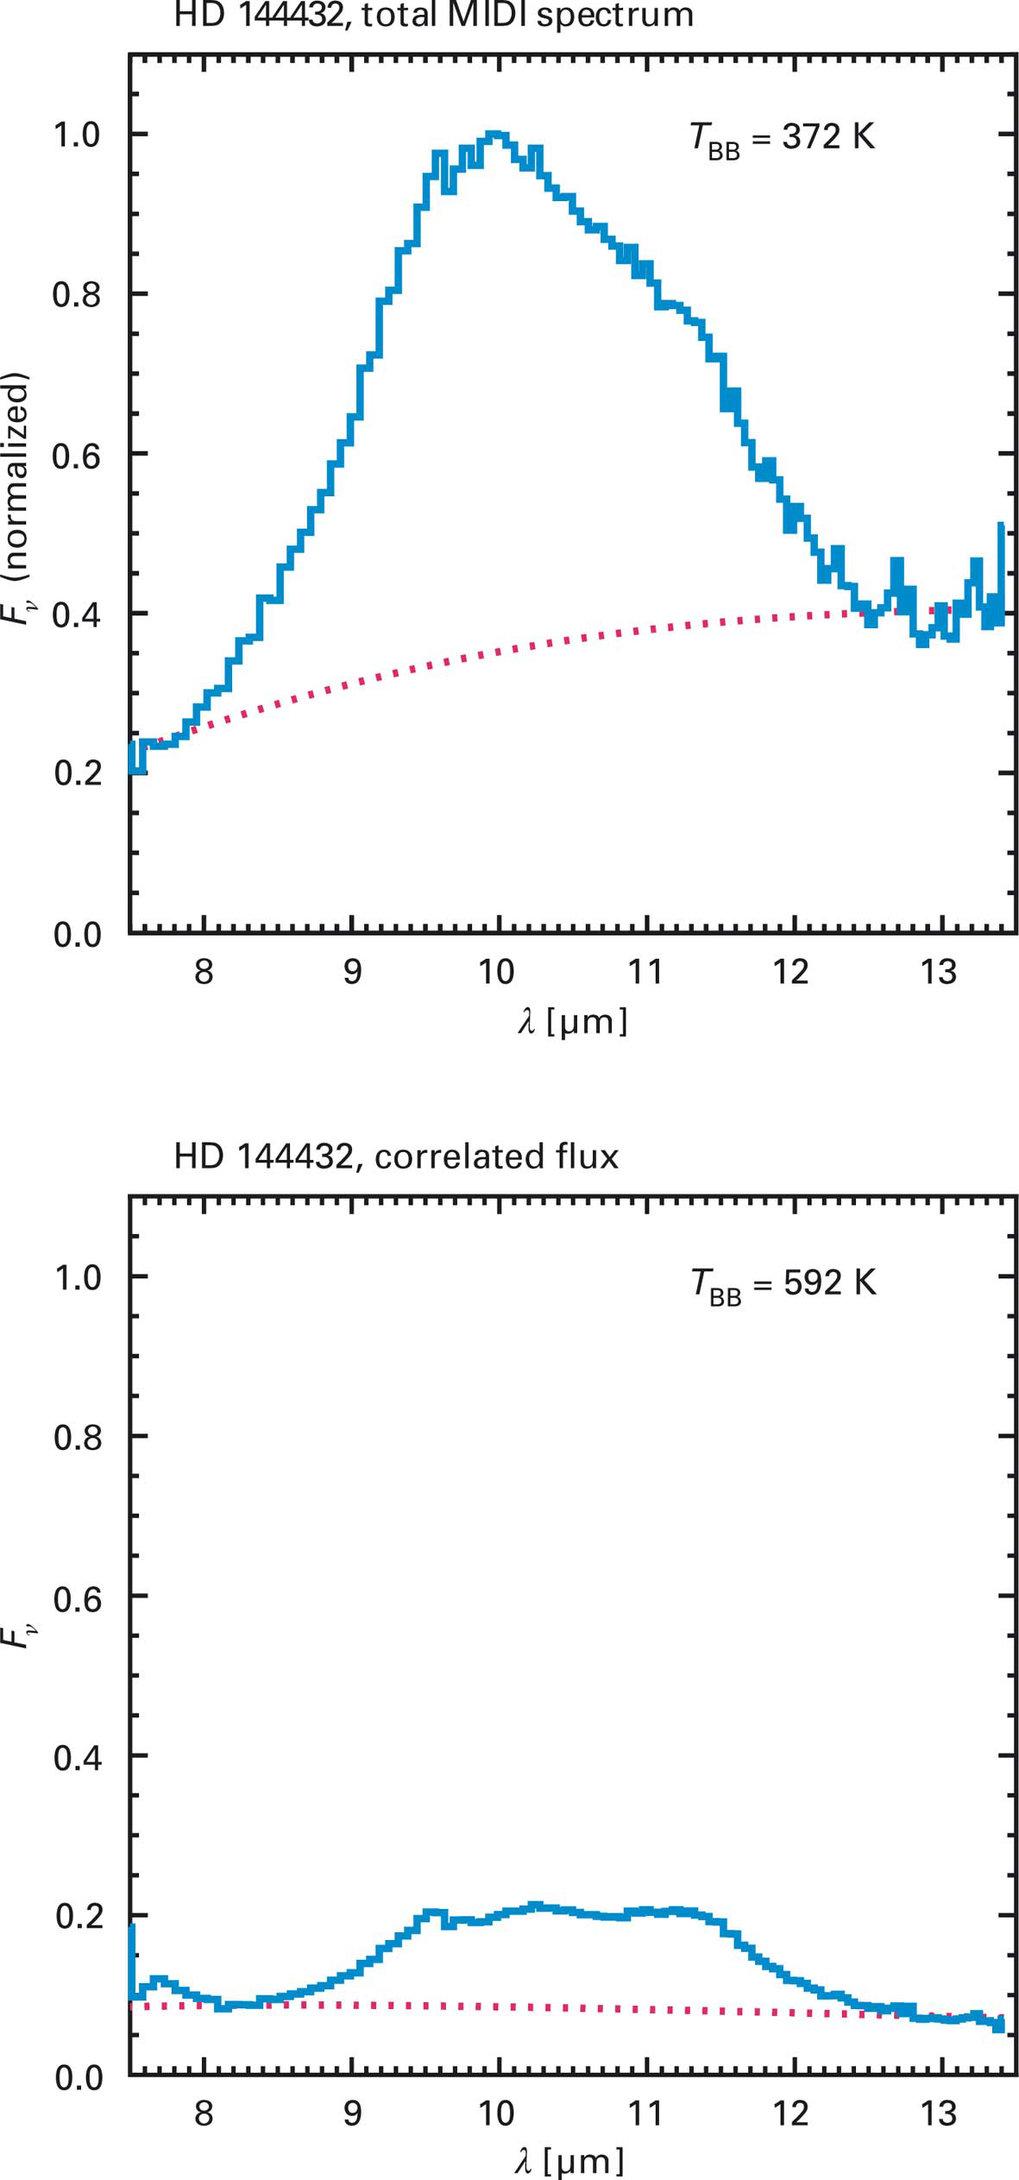 Spektren von HD 144432, gewonnen mit MIDI - oben vom gesamten Objekt, unten vom »interferometrisch herausvergrößerten« inneren Teil der Scheibe.